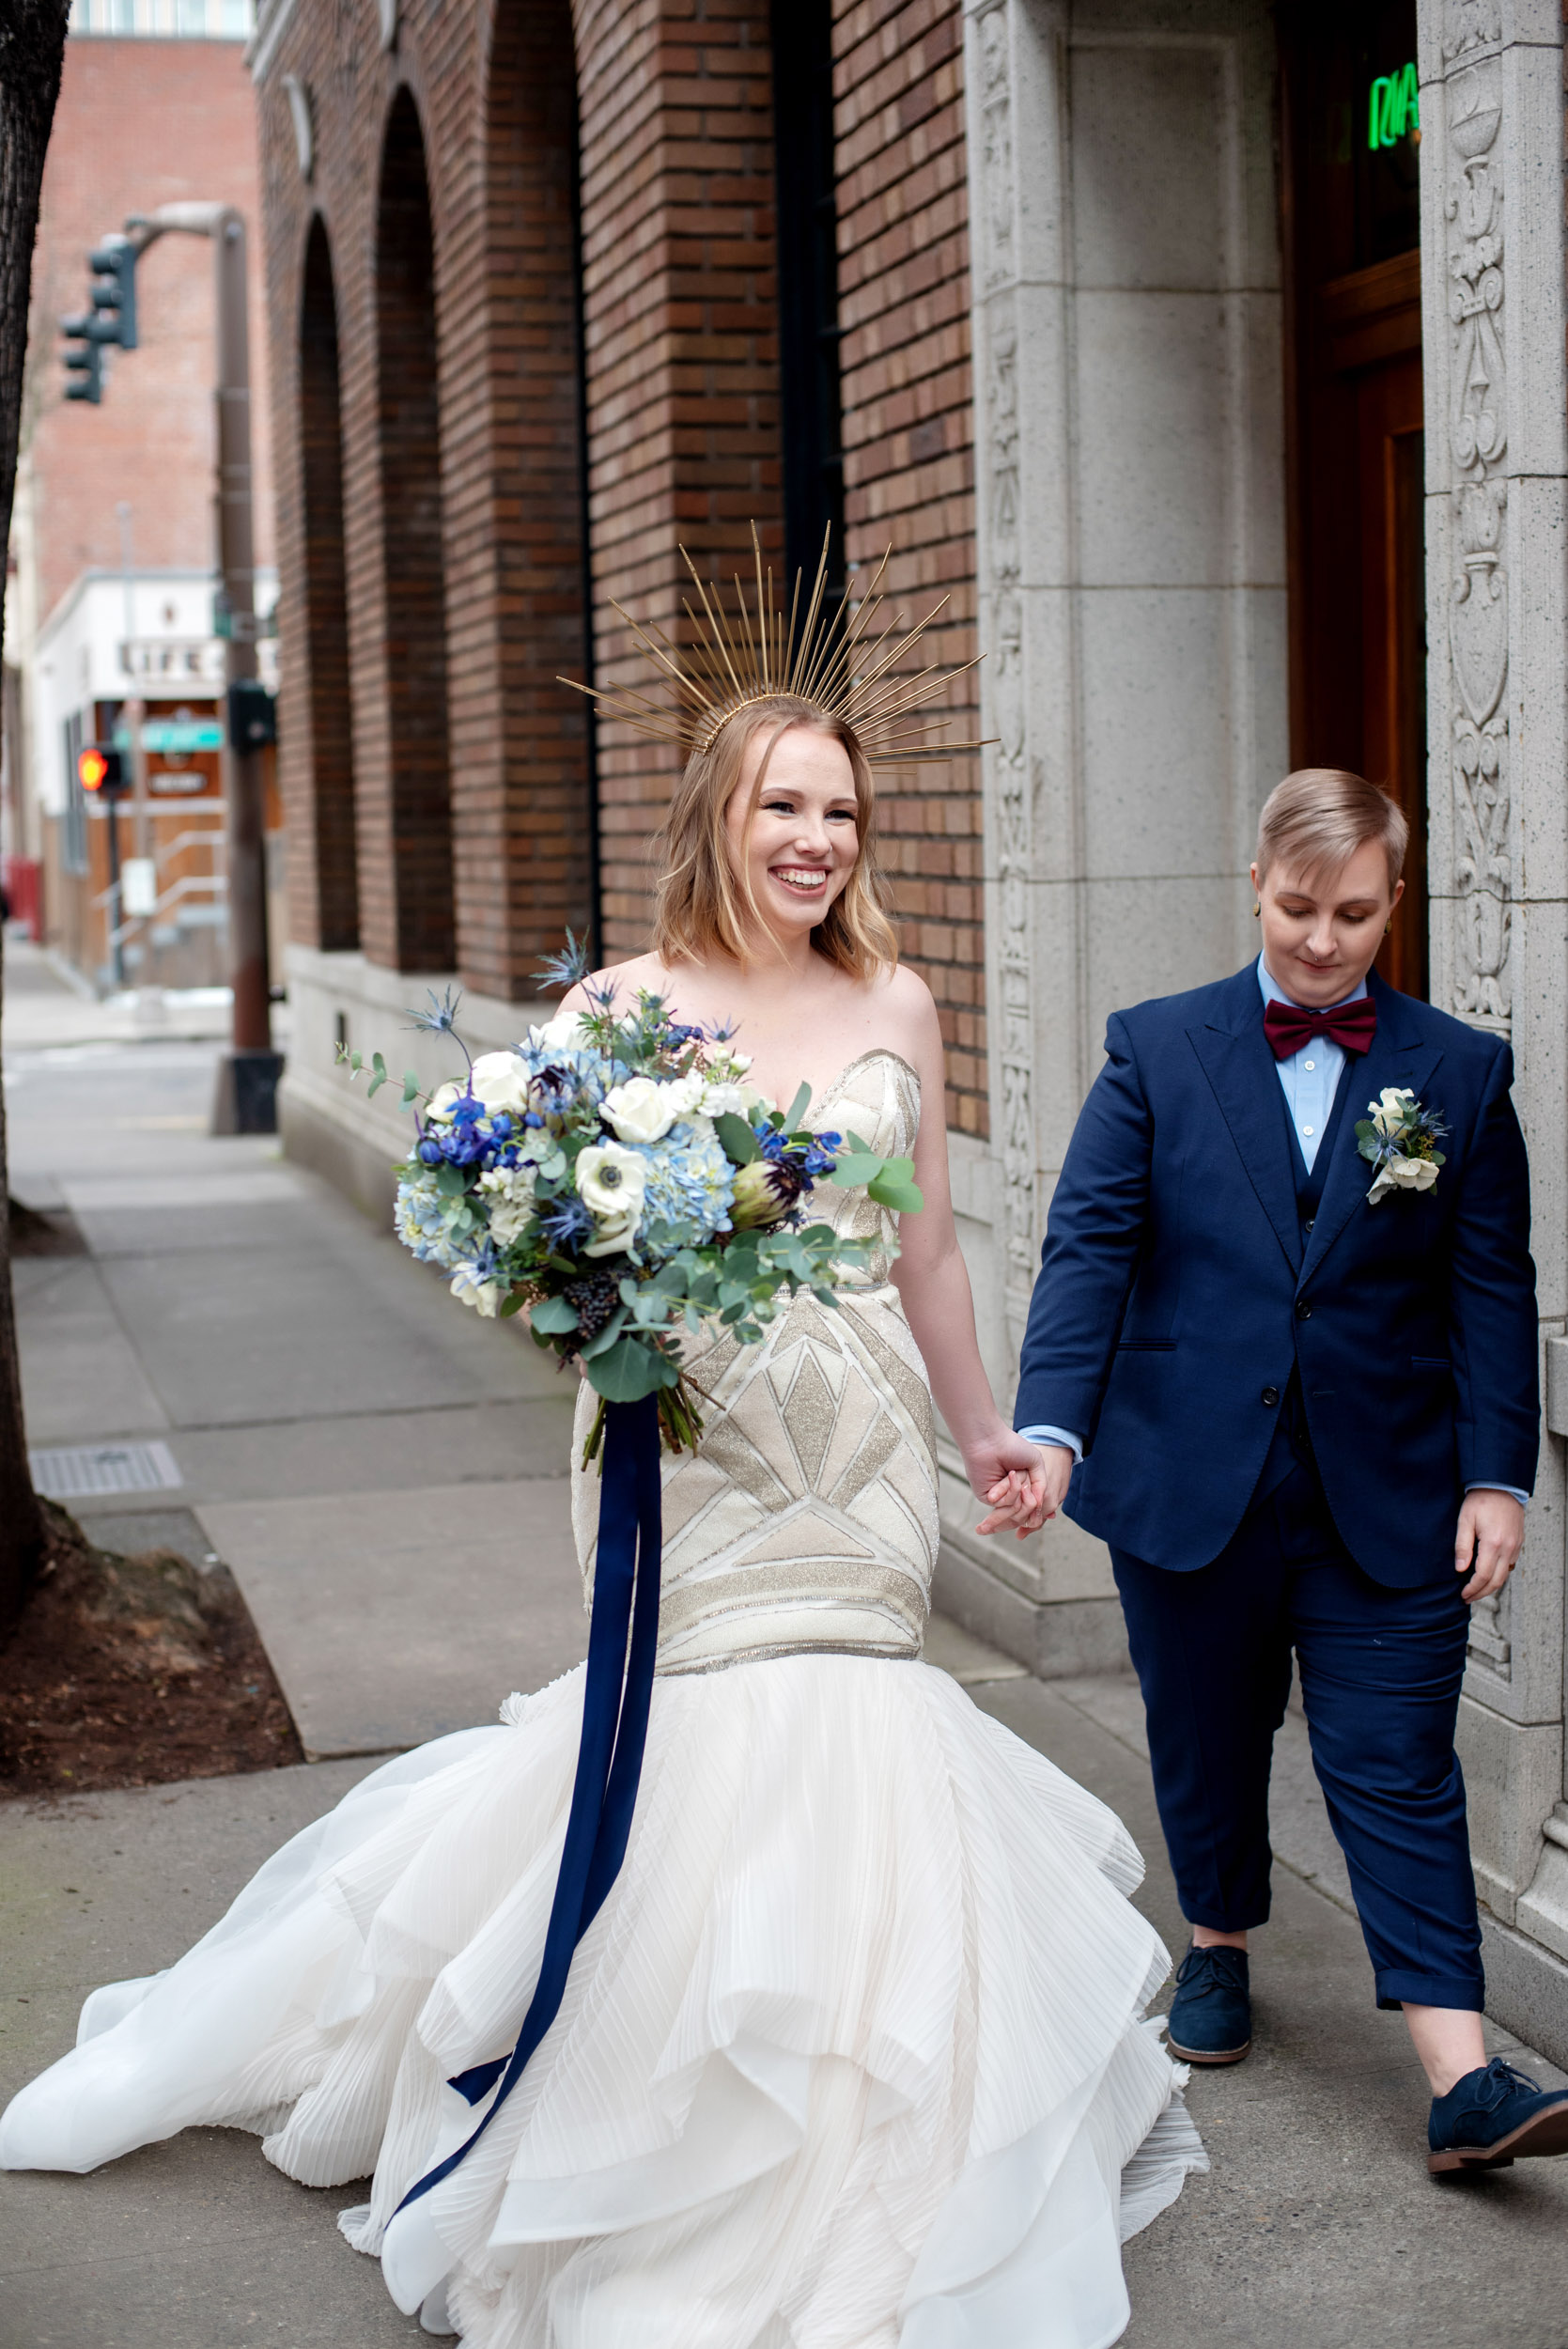 queer wedding, pdx pride, portland gay pride, gay wedding, lesbian wedding, blue wedding, classic blue wedding, blue bouquet, wedding bouquet, bride bouquet. portland florist, portland wedding venue